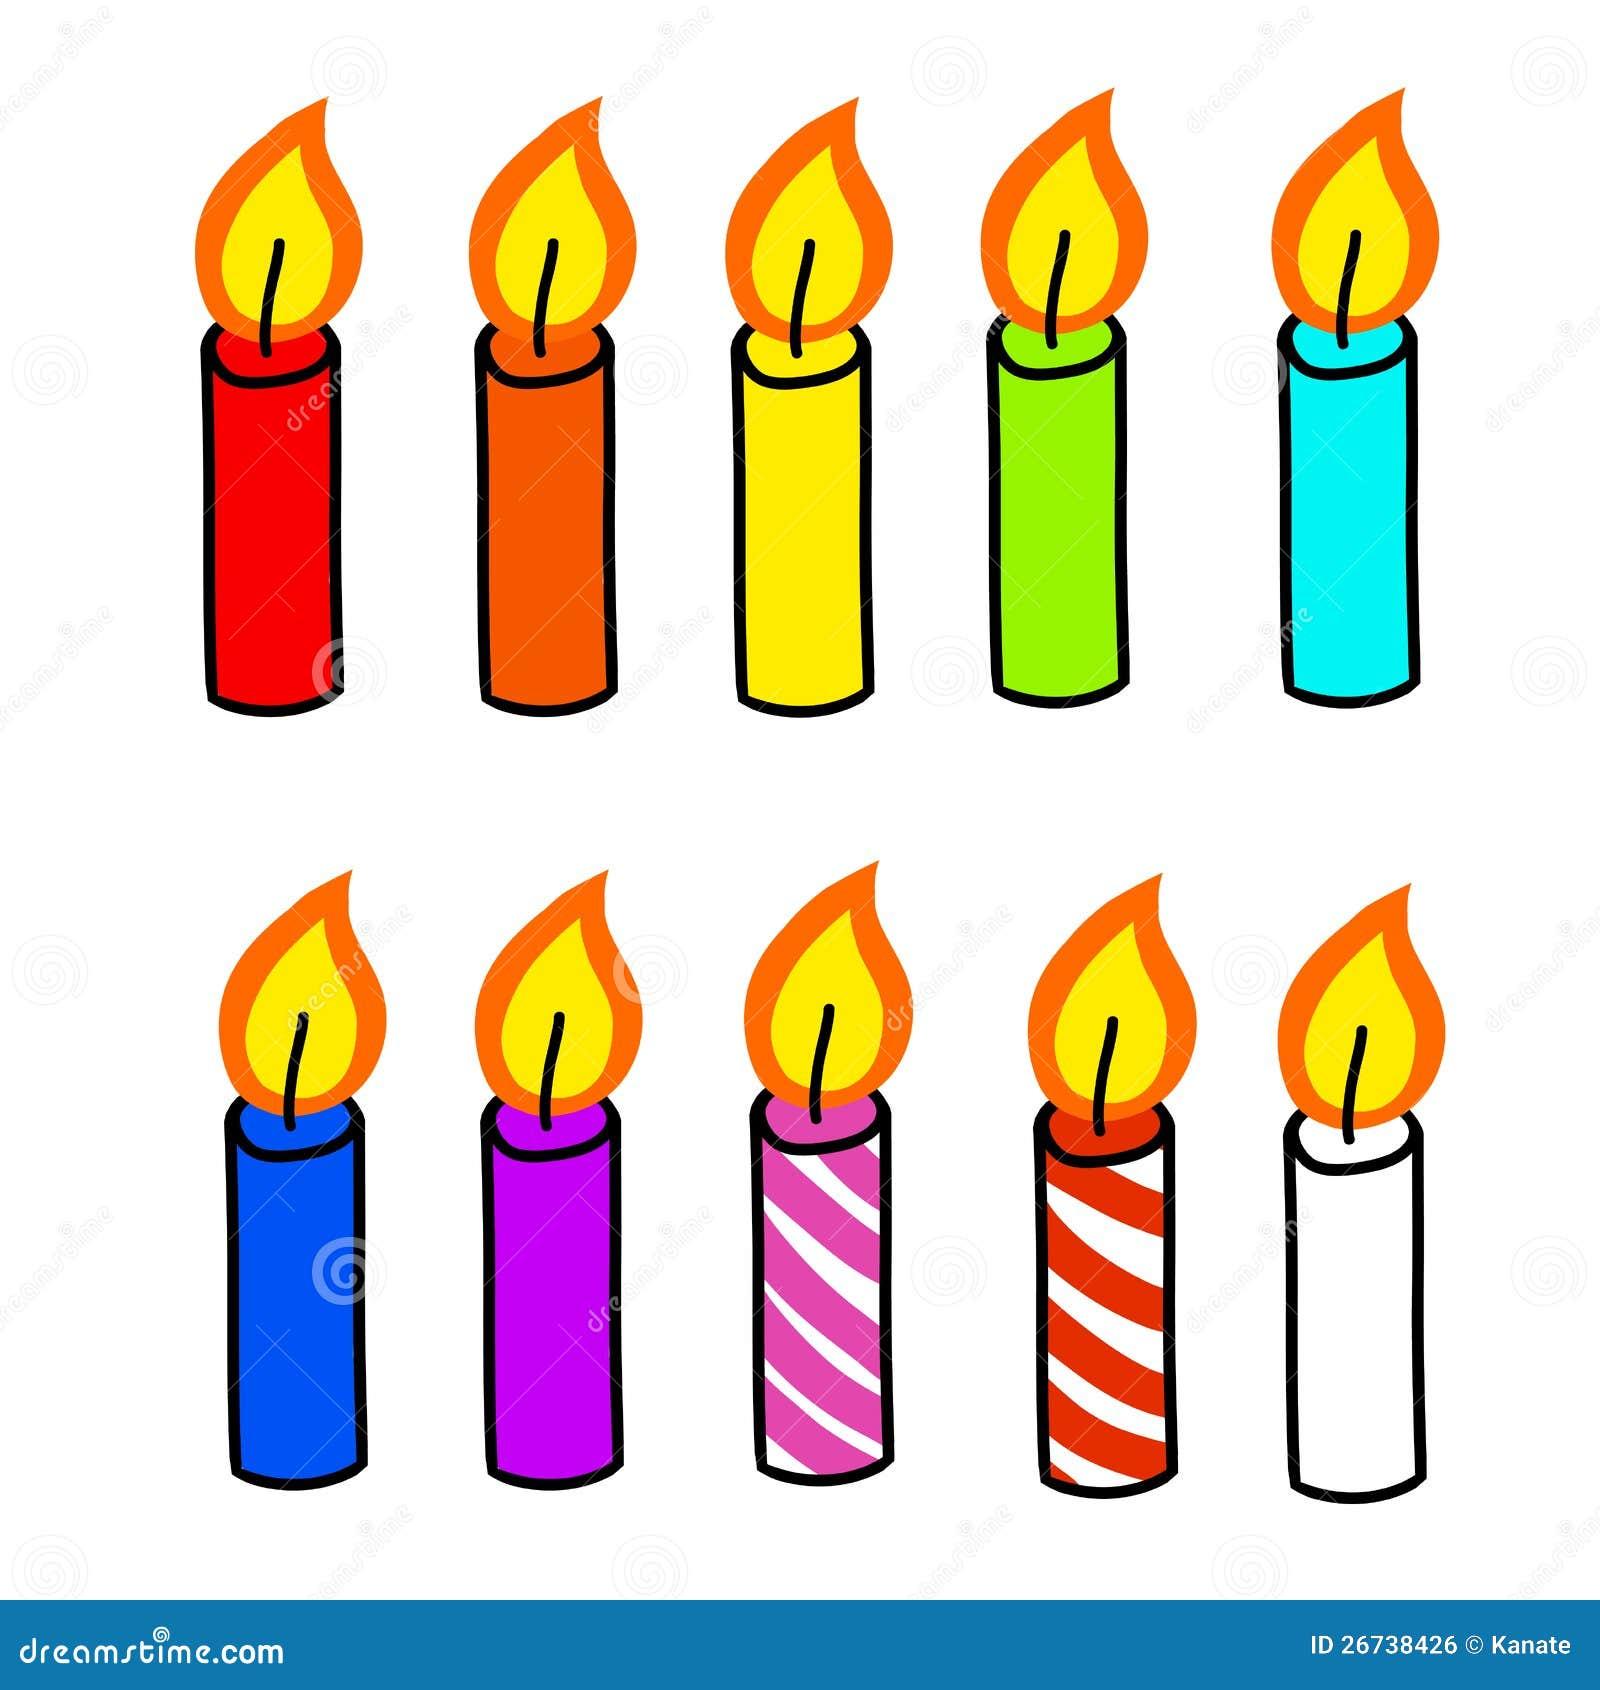 Dessin anim de bougie image libre de droits image - Dessin de bougies ...